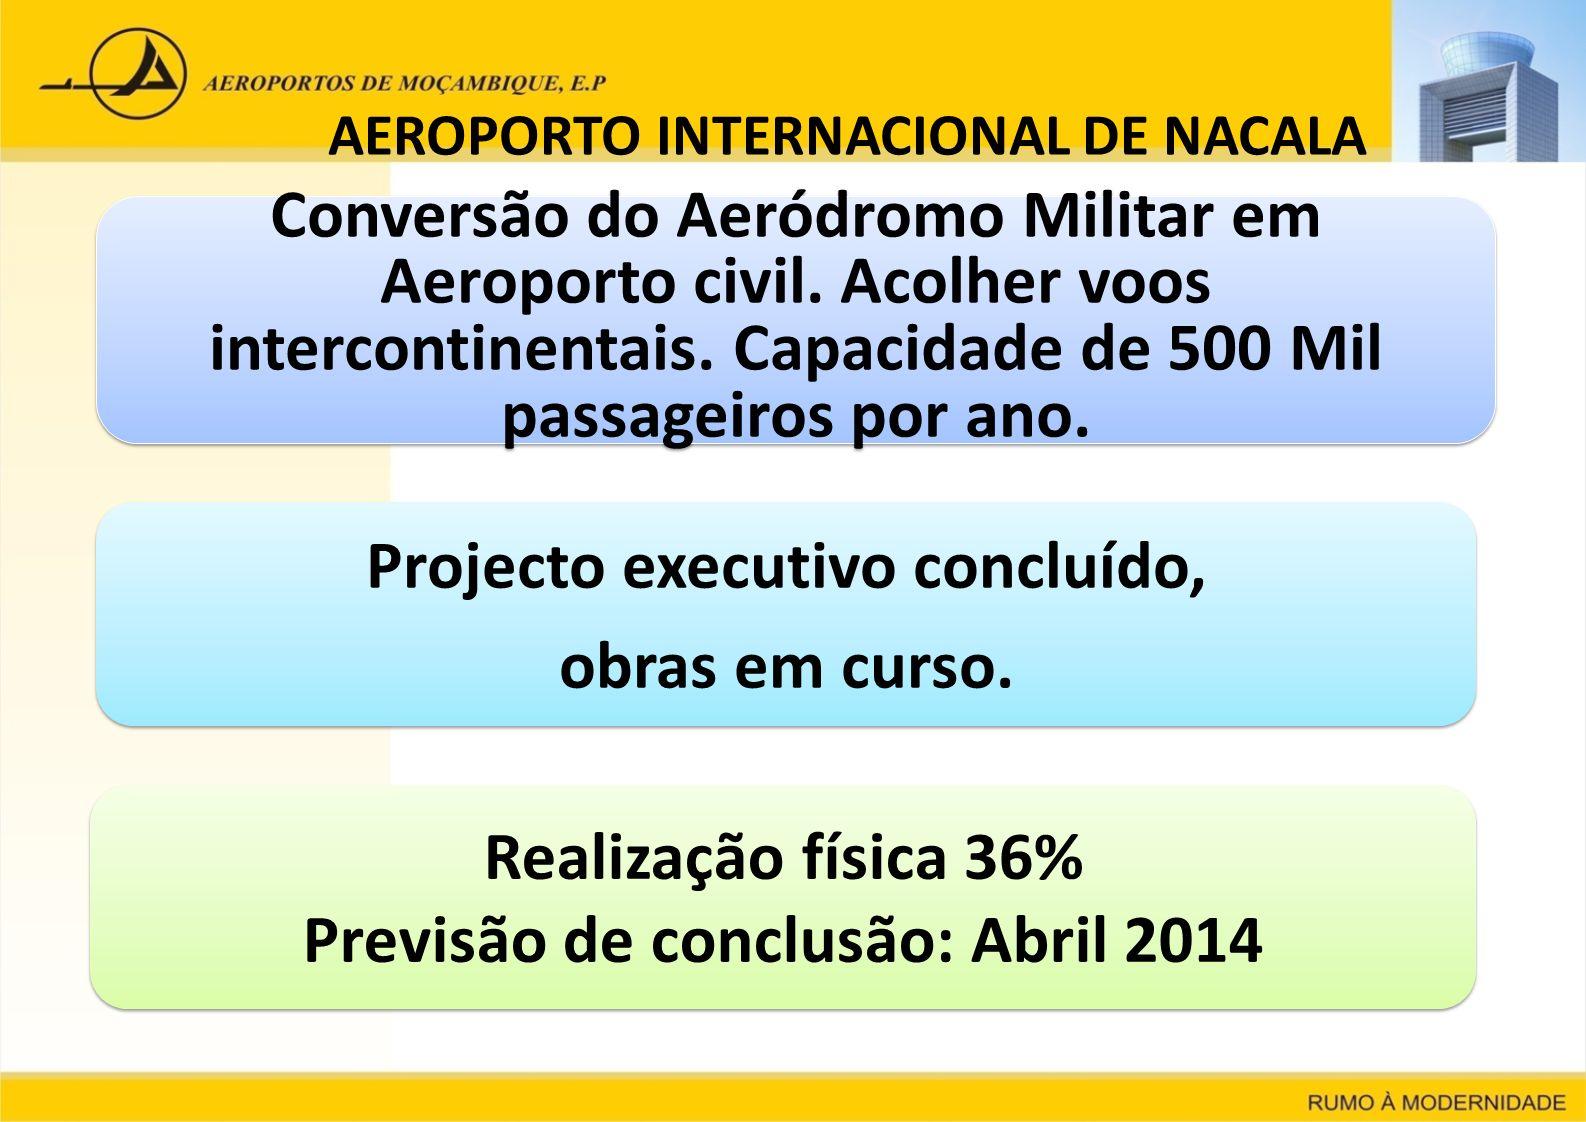 AEROPORTO INTERNACIONAL DE NACALA Conversão do Aeródromo Militar em Aeroporto civil. Acolher voos intercontinentais. Capacidade de 500 Mil passageiros